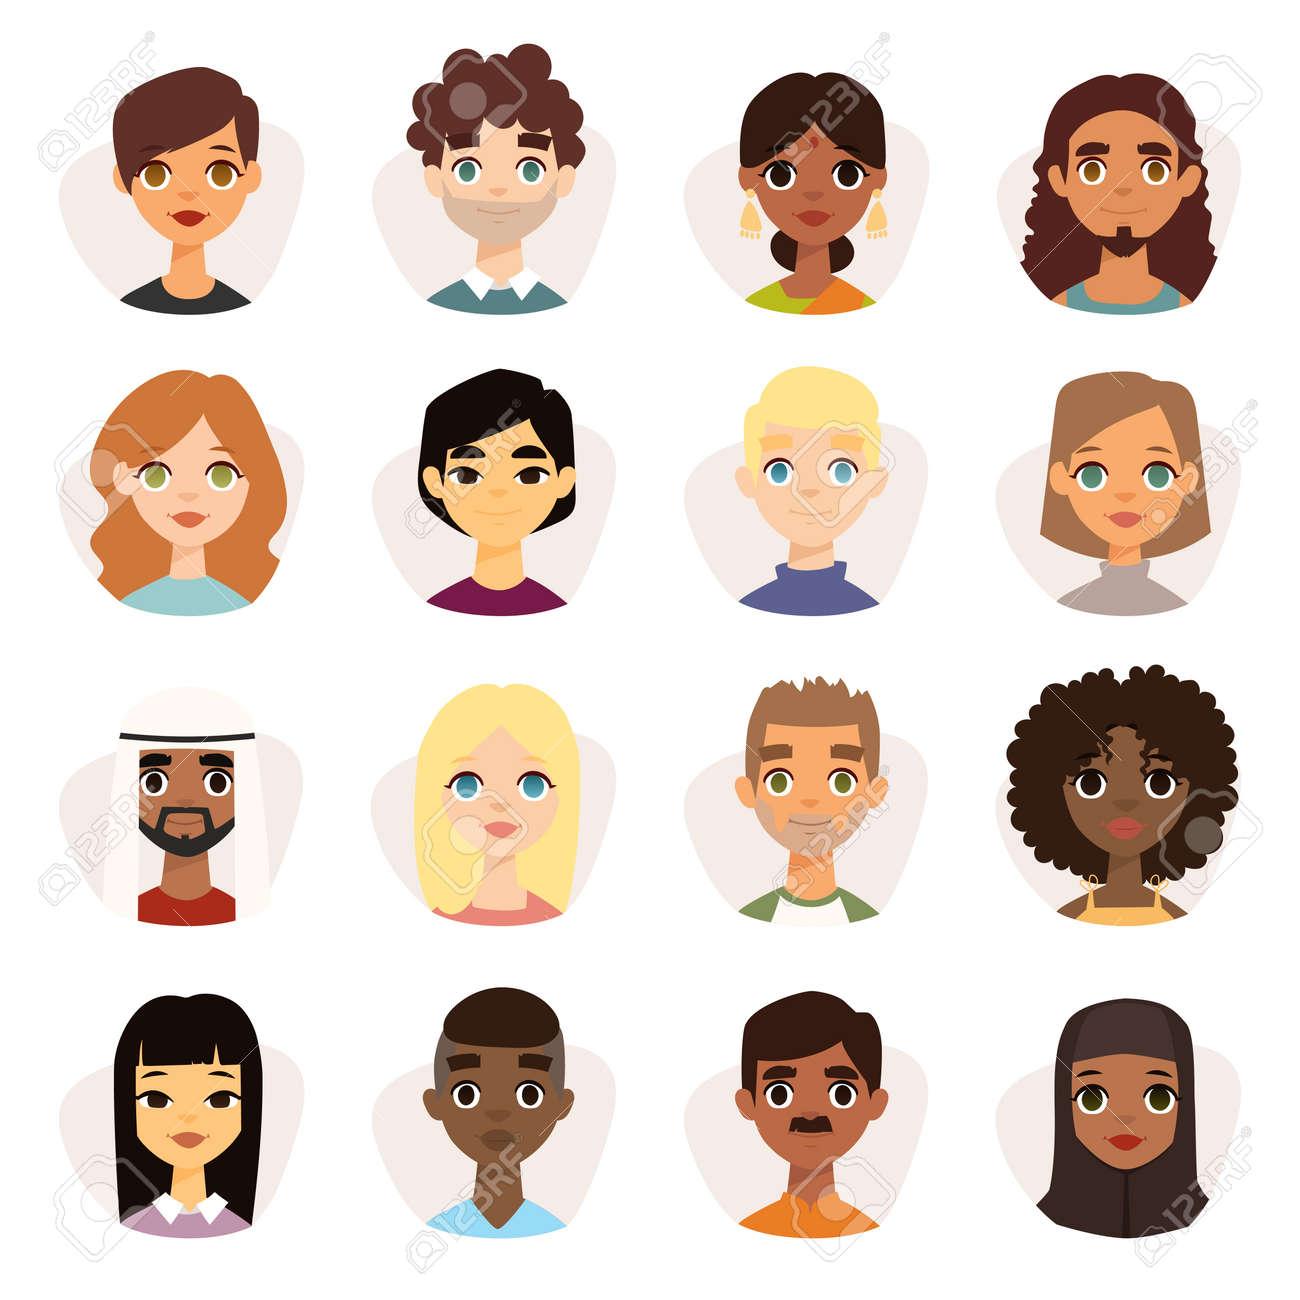 Set Von Diversen Runden Avatare Mit Gesichtszügen Verschiedener